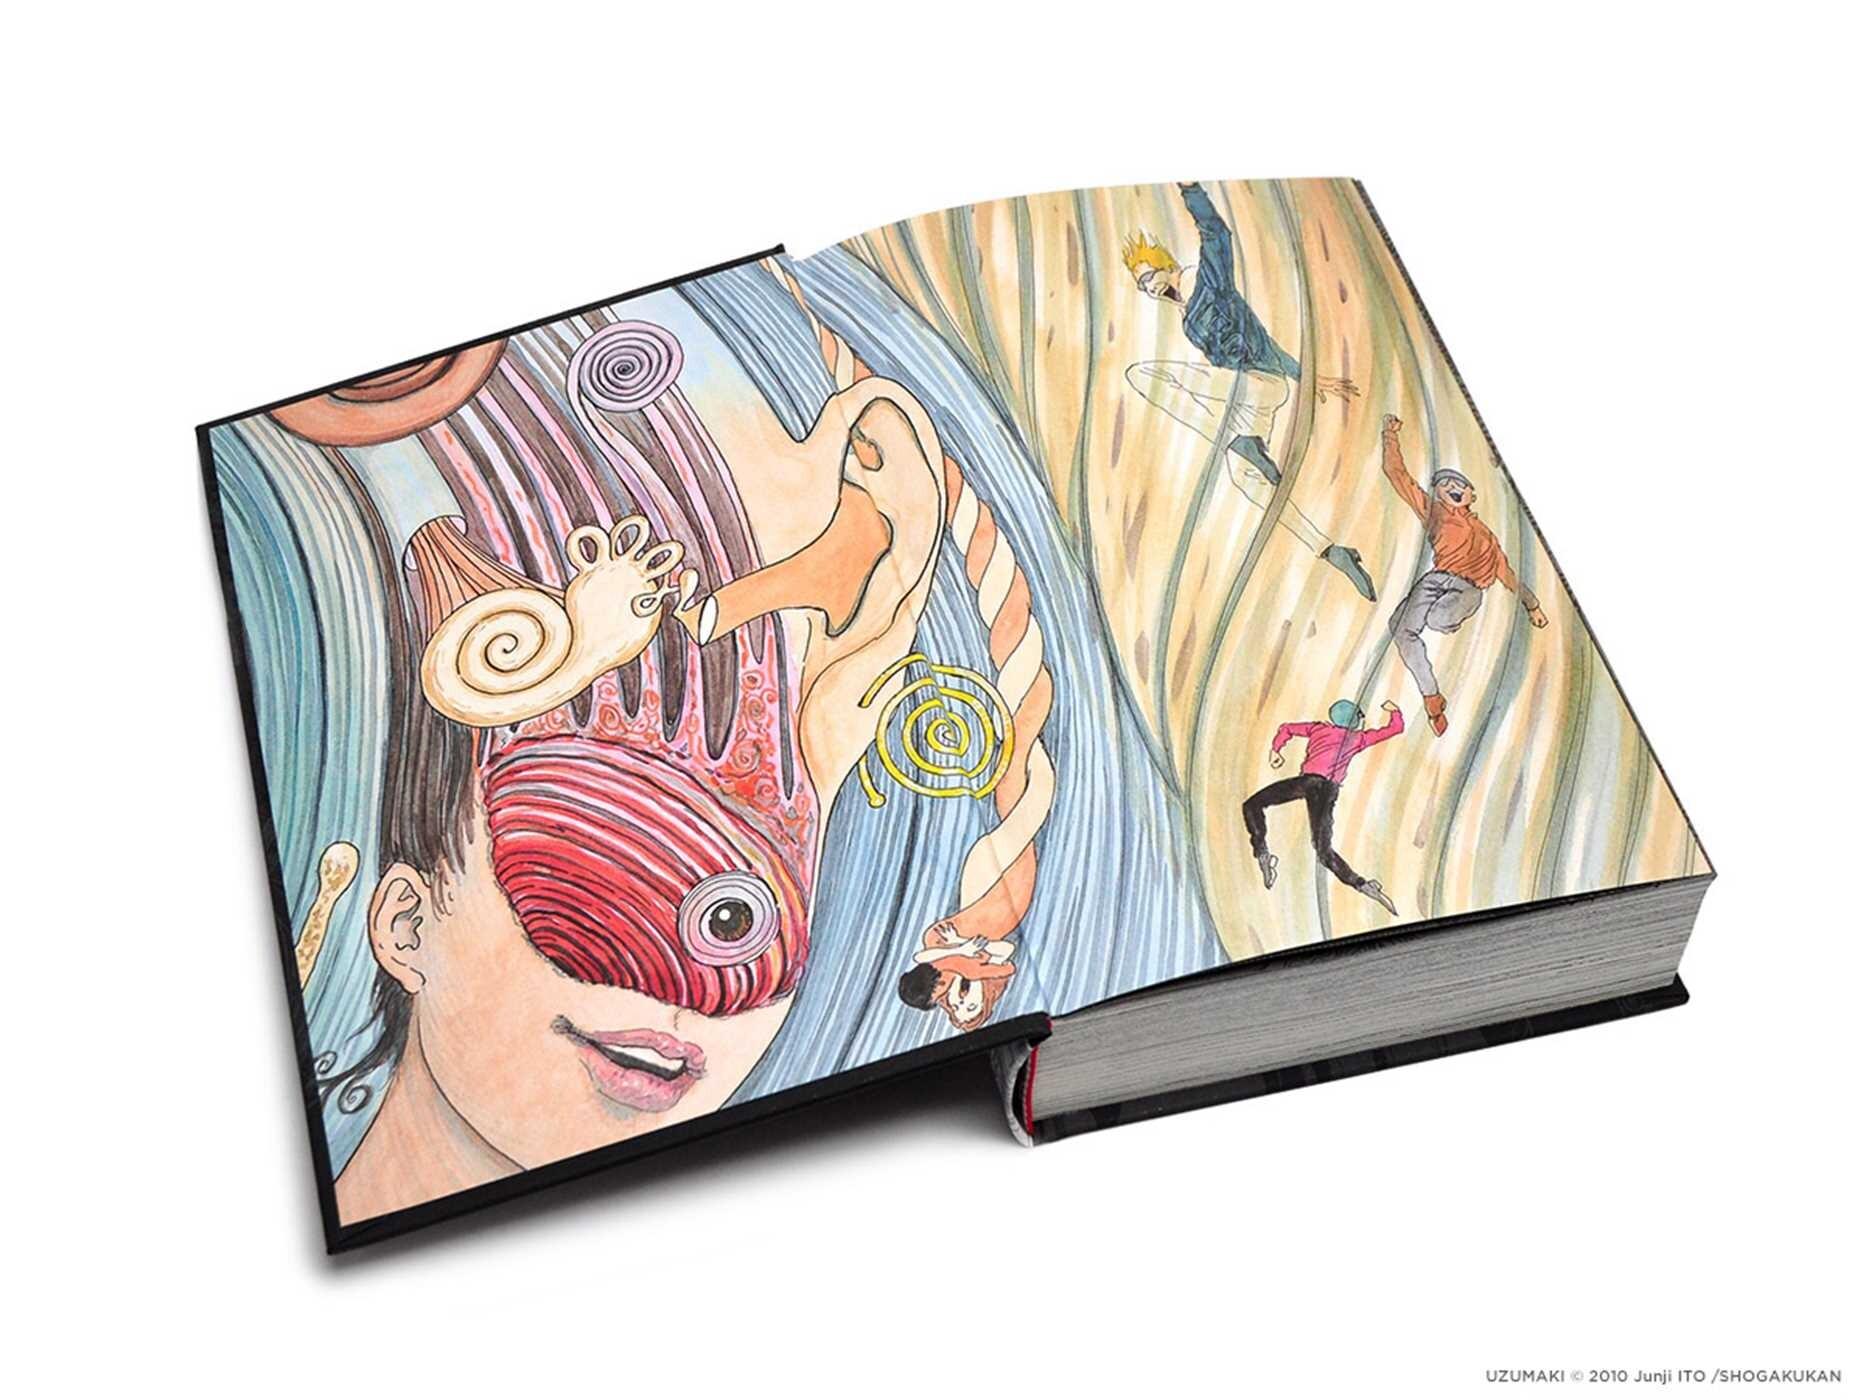 Uzumaki 3 in 1 deluxe edition 9781421561325.in03